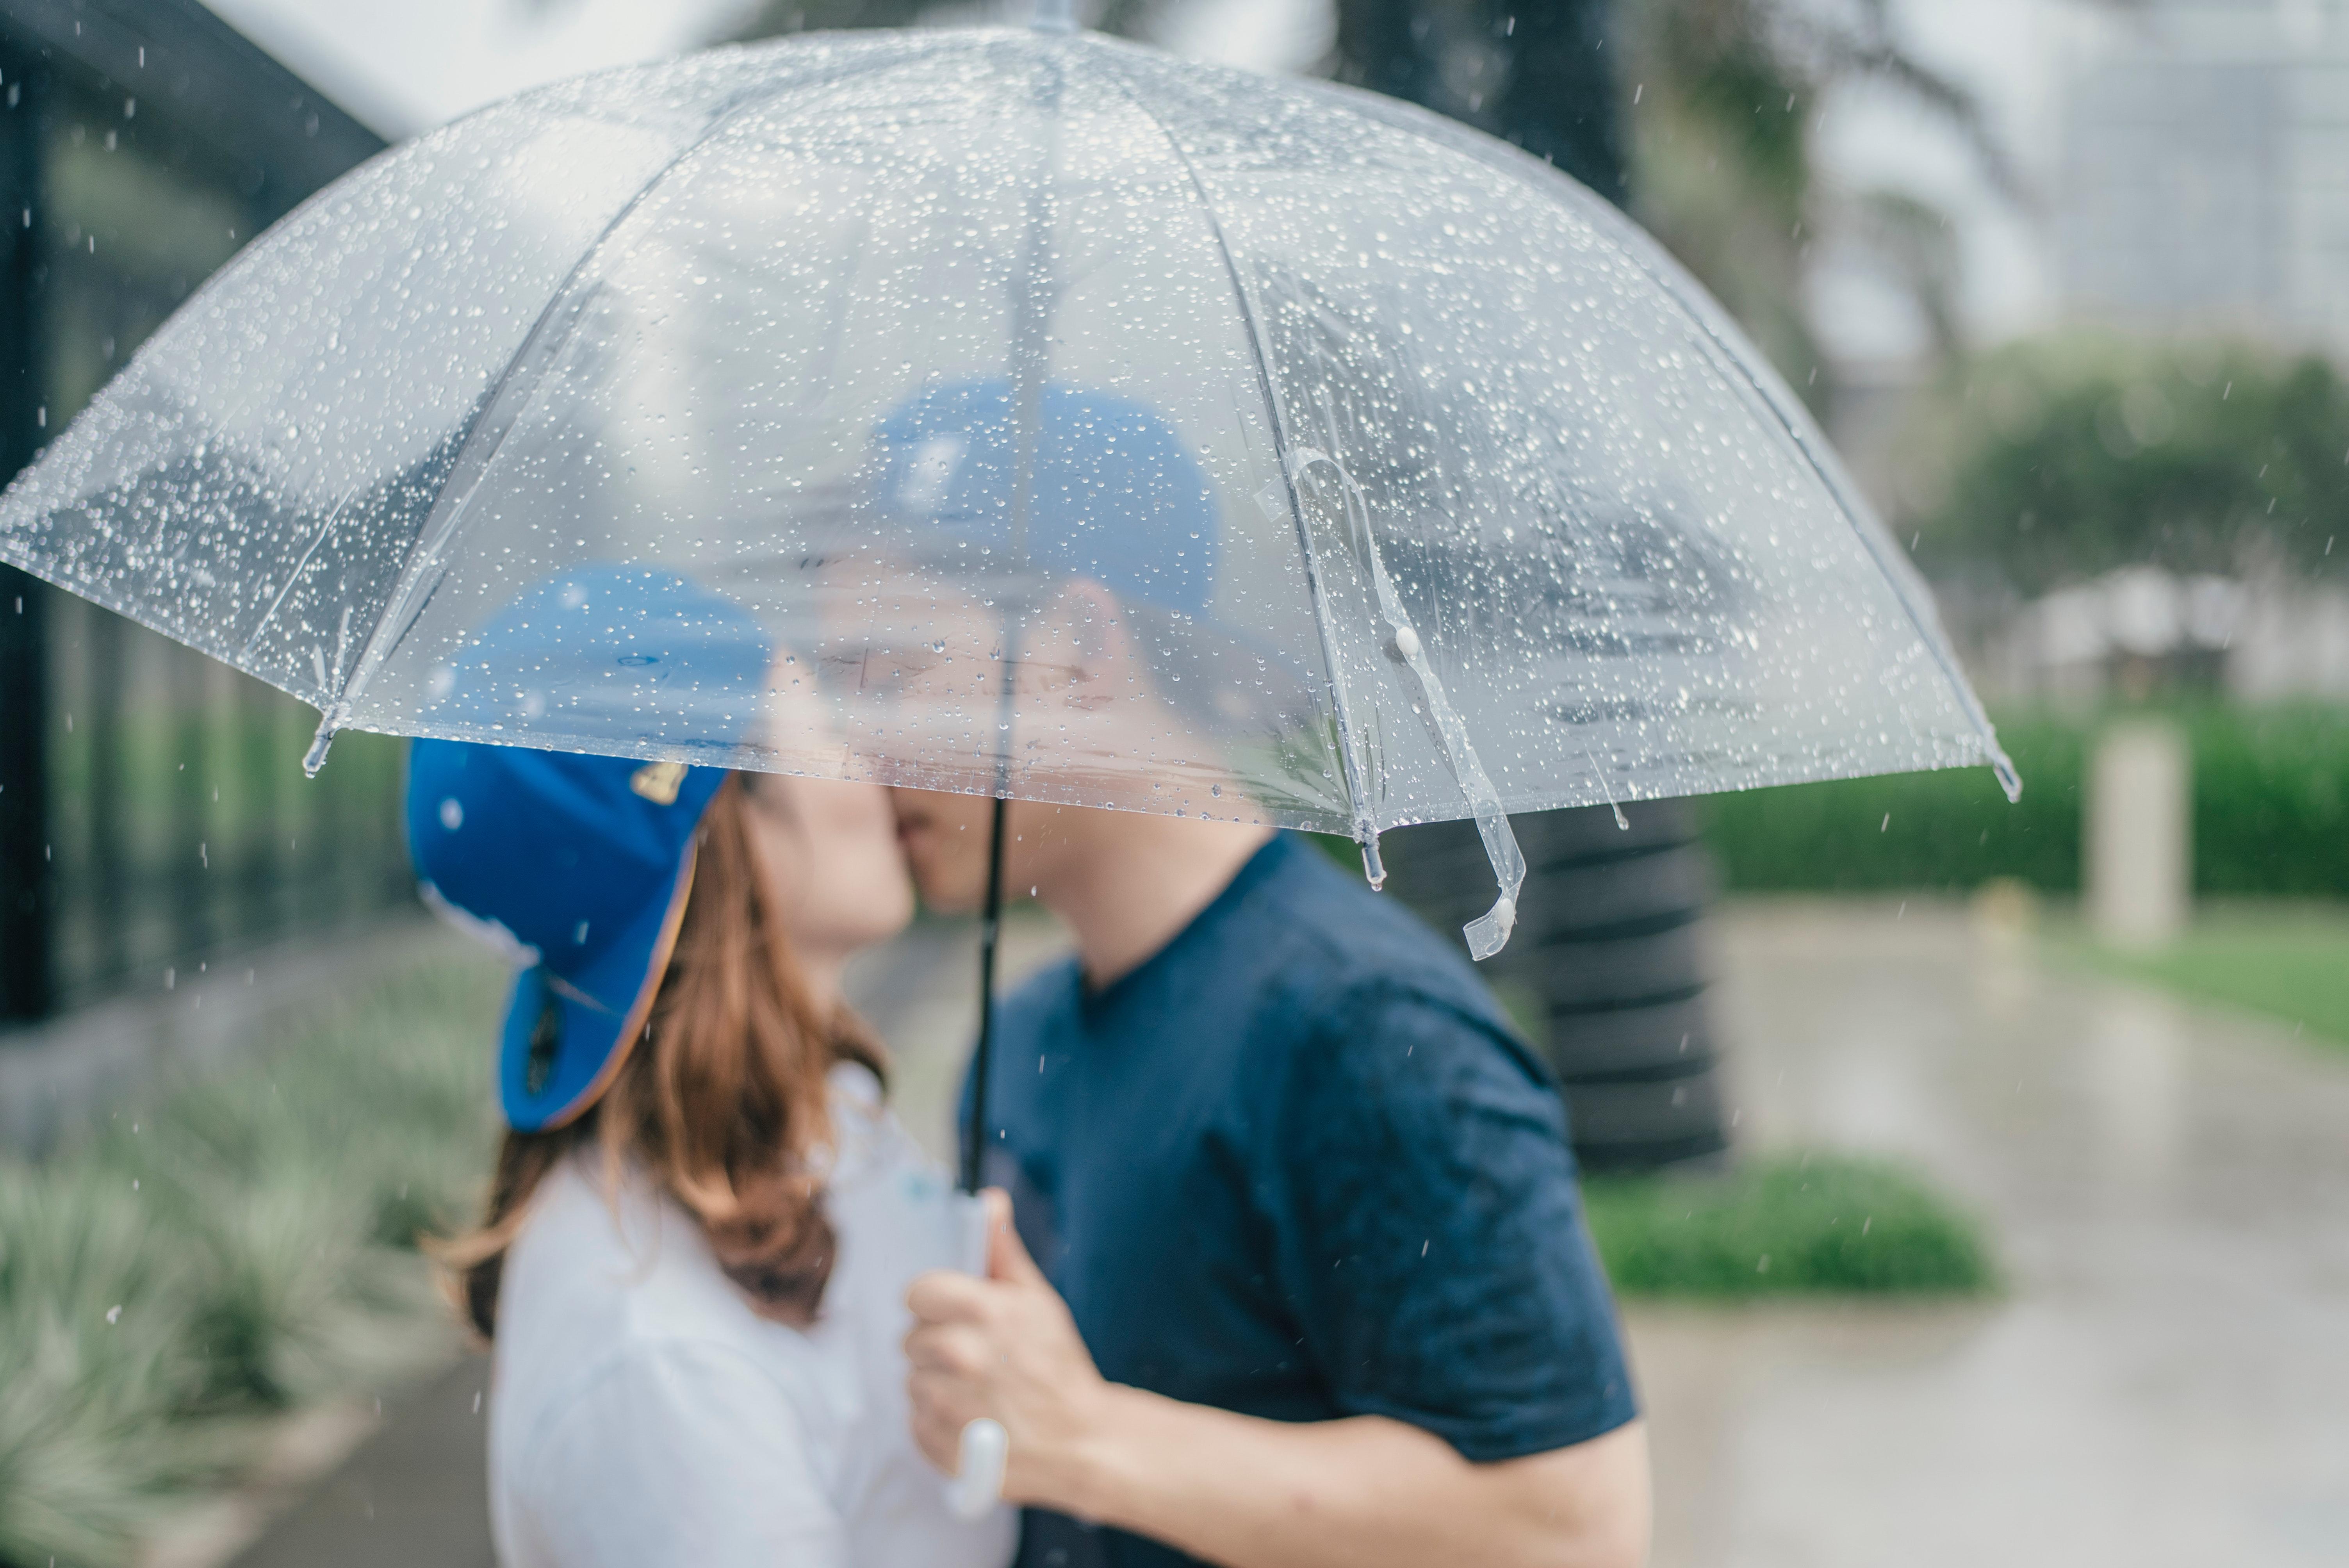 Pärchen küsst sich unter einem Regenschirm